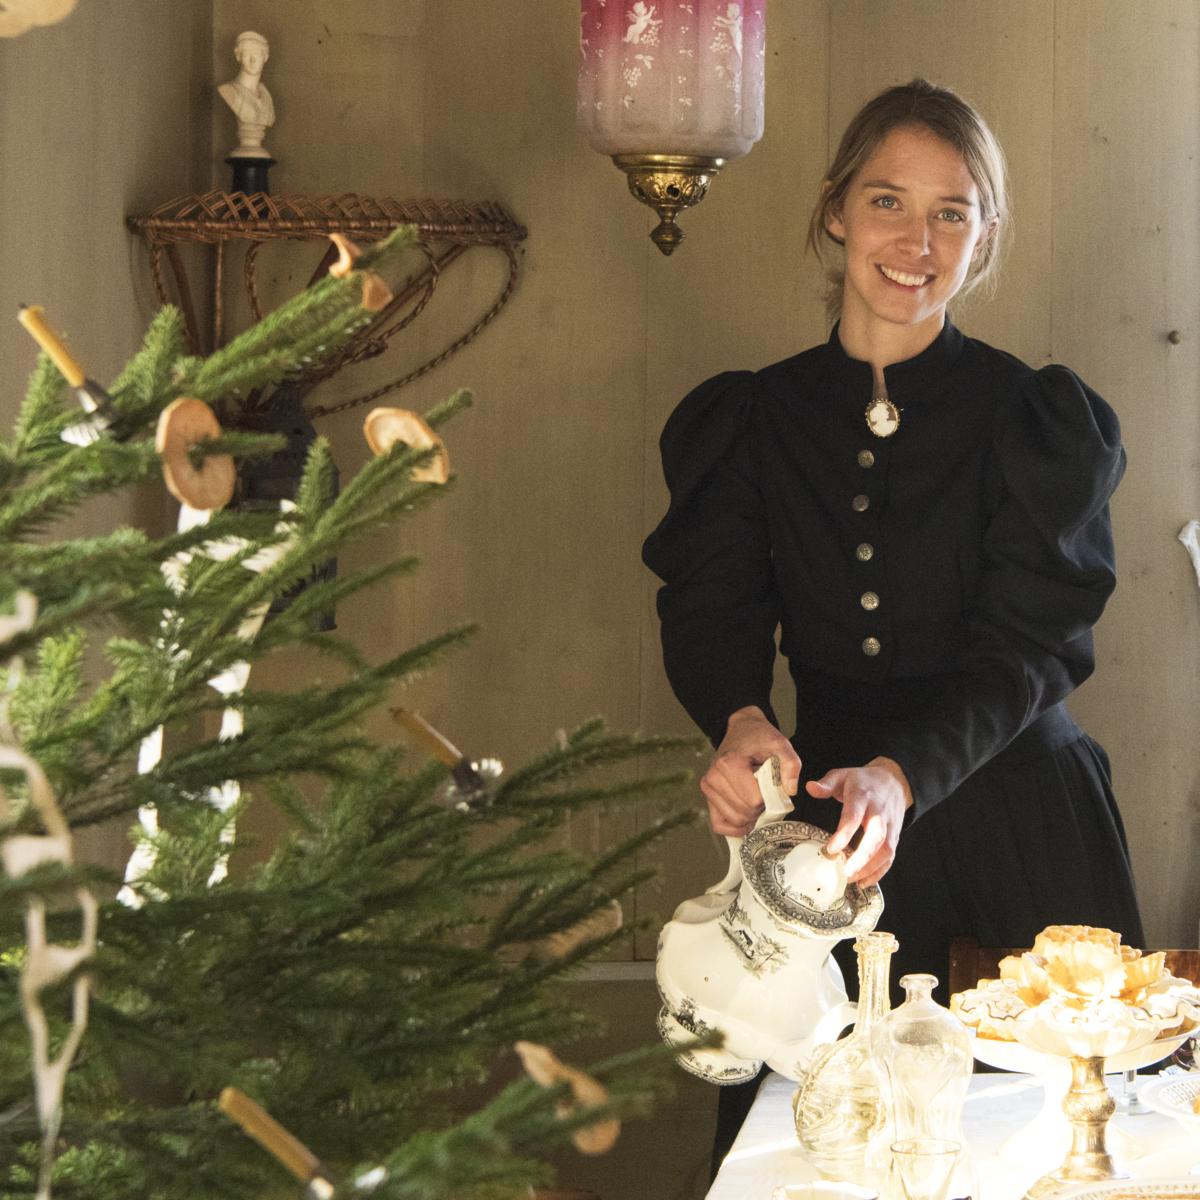 Kvinne skjenker kaffe fra en sølvkanne ved siden av et juletre pyntet med gammeldagse juletrelys i stearin og tørkede epler.